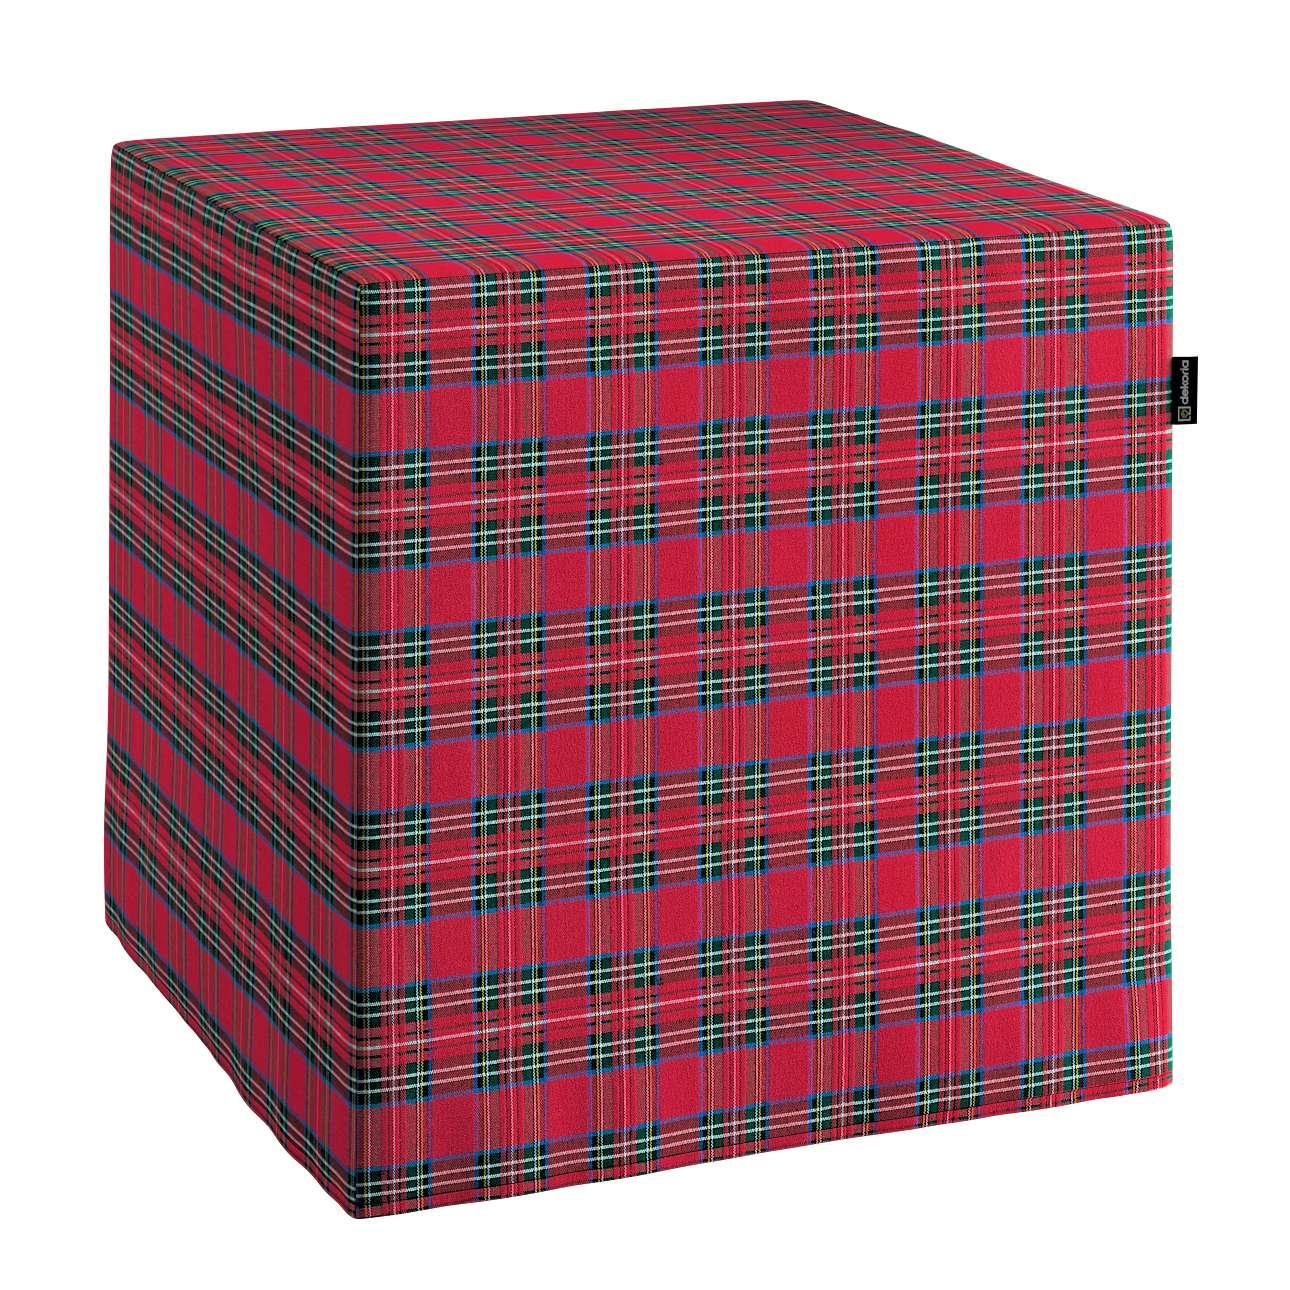 Bezug für Sitzwürfel Bezug für Sitzwürfel 40x40x40 cm von der Kollektion Bristol, Stoff: 126-29